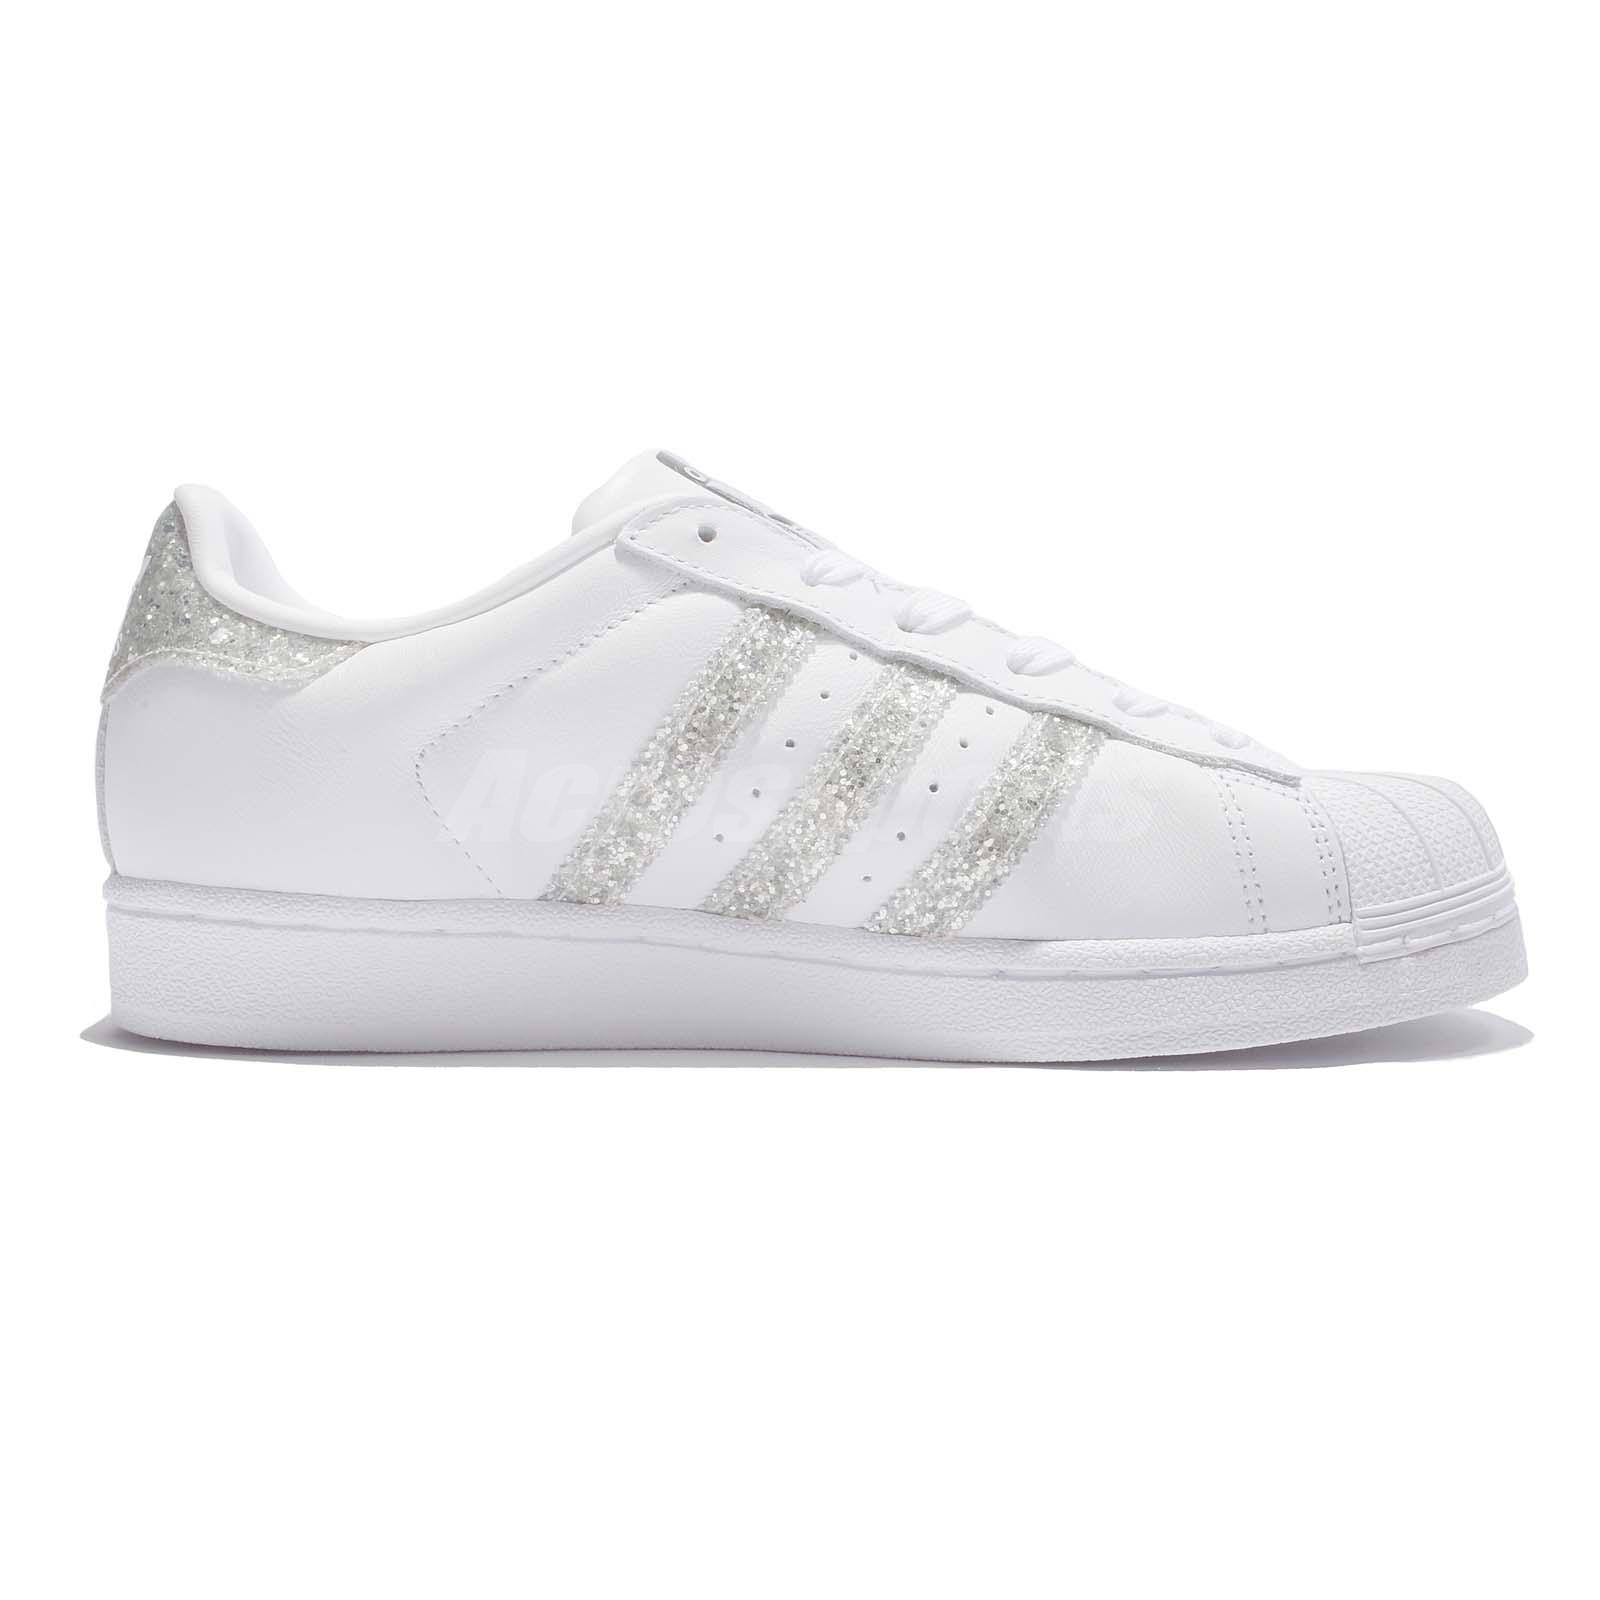 adidas originals superstar womens white glitter